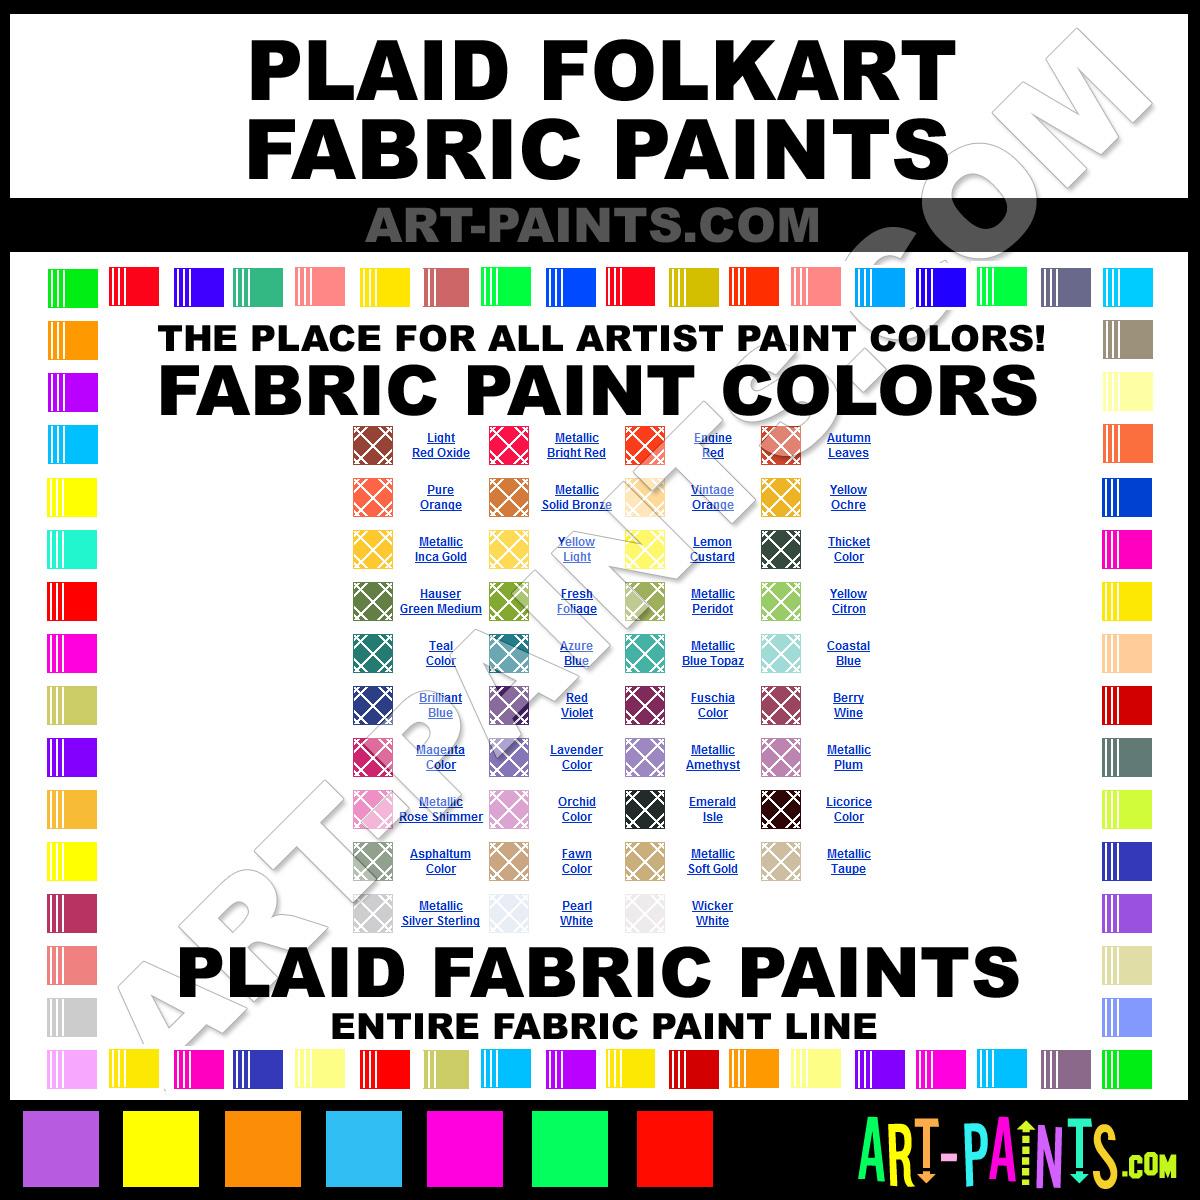 Folk art color chart acrylic paint - Fuschia Paint 4402 By Plaid Folkart Paints